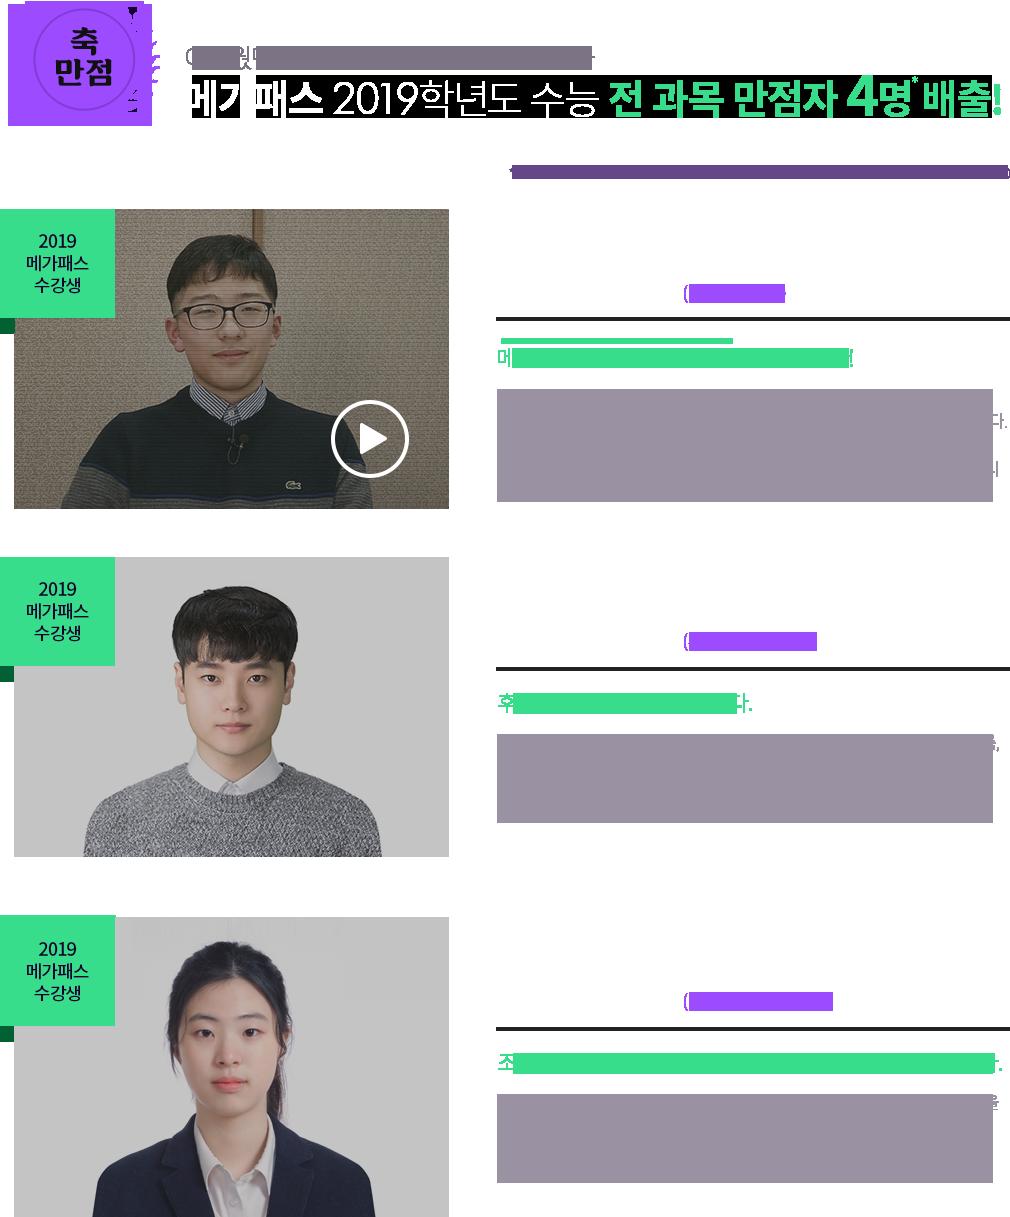 축 만 점 메가패스 2019학년도 수능 전과목 만점자 4명 배출!